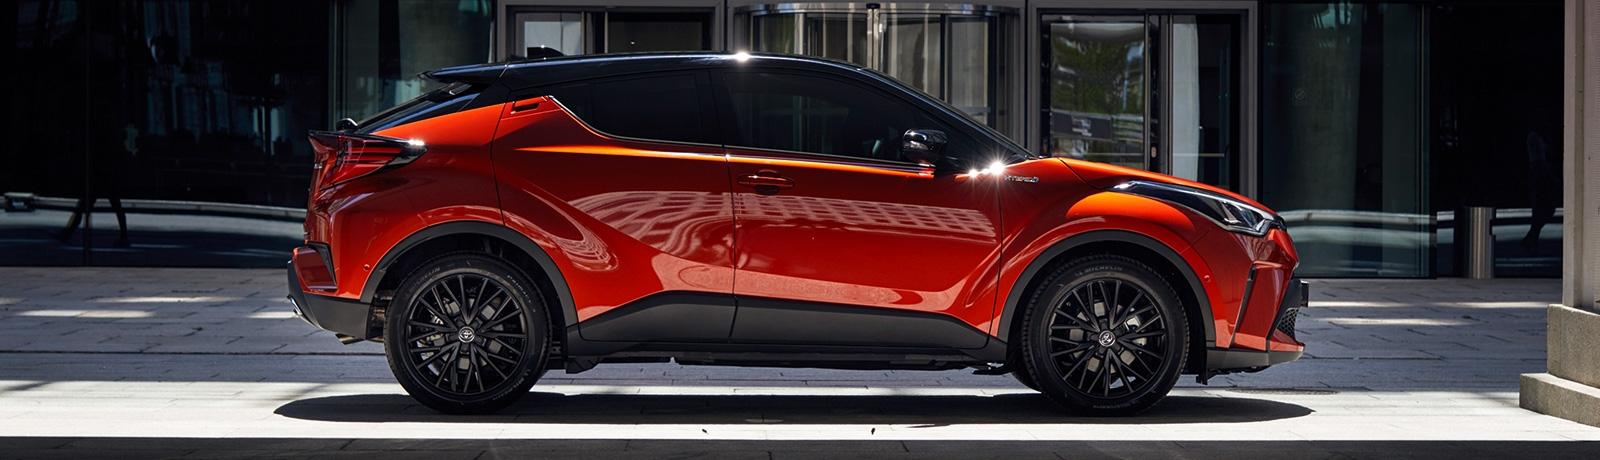 Toyota Chr Hybrid >> Uusi Chr Hybrid Toyota Tsusho Nordic Oy